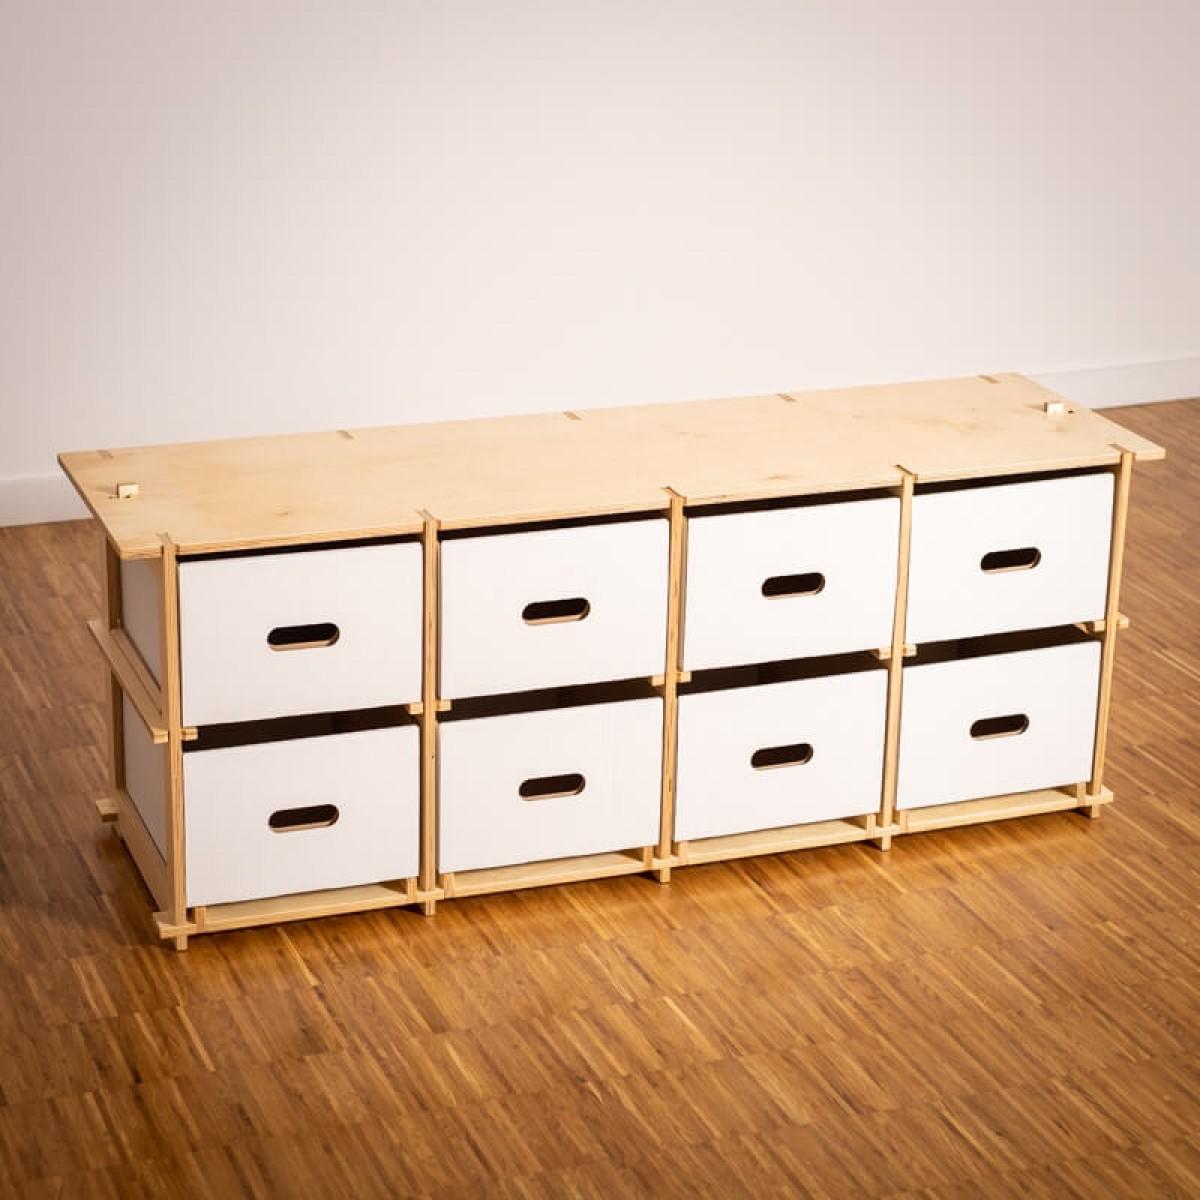 16boxes - Fourbytwo (4x2) - Sitzbank